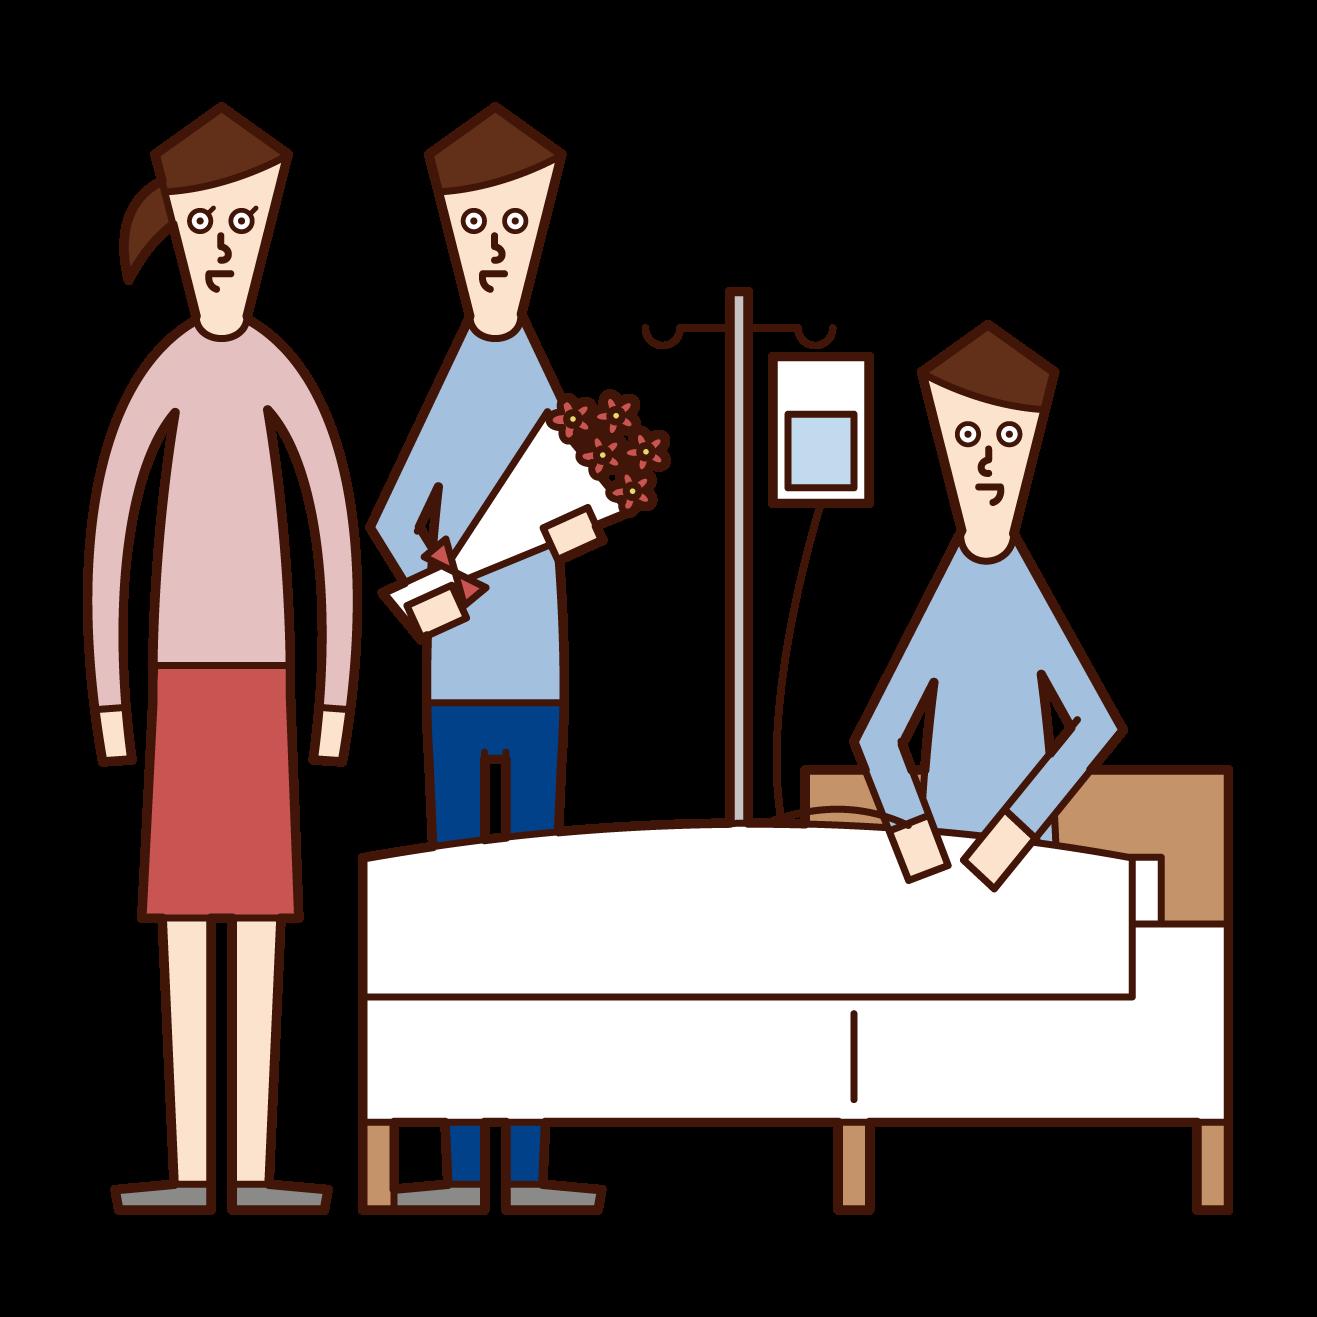 入院している男性のお見舞いをする友人夫婦のイラスト